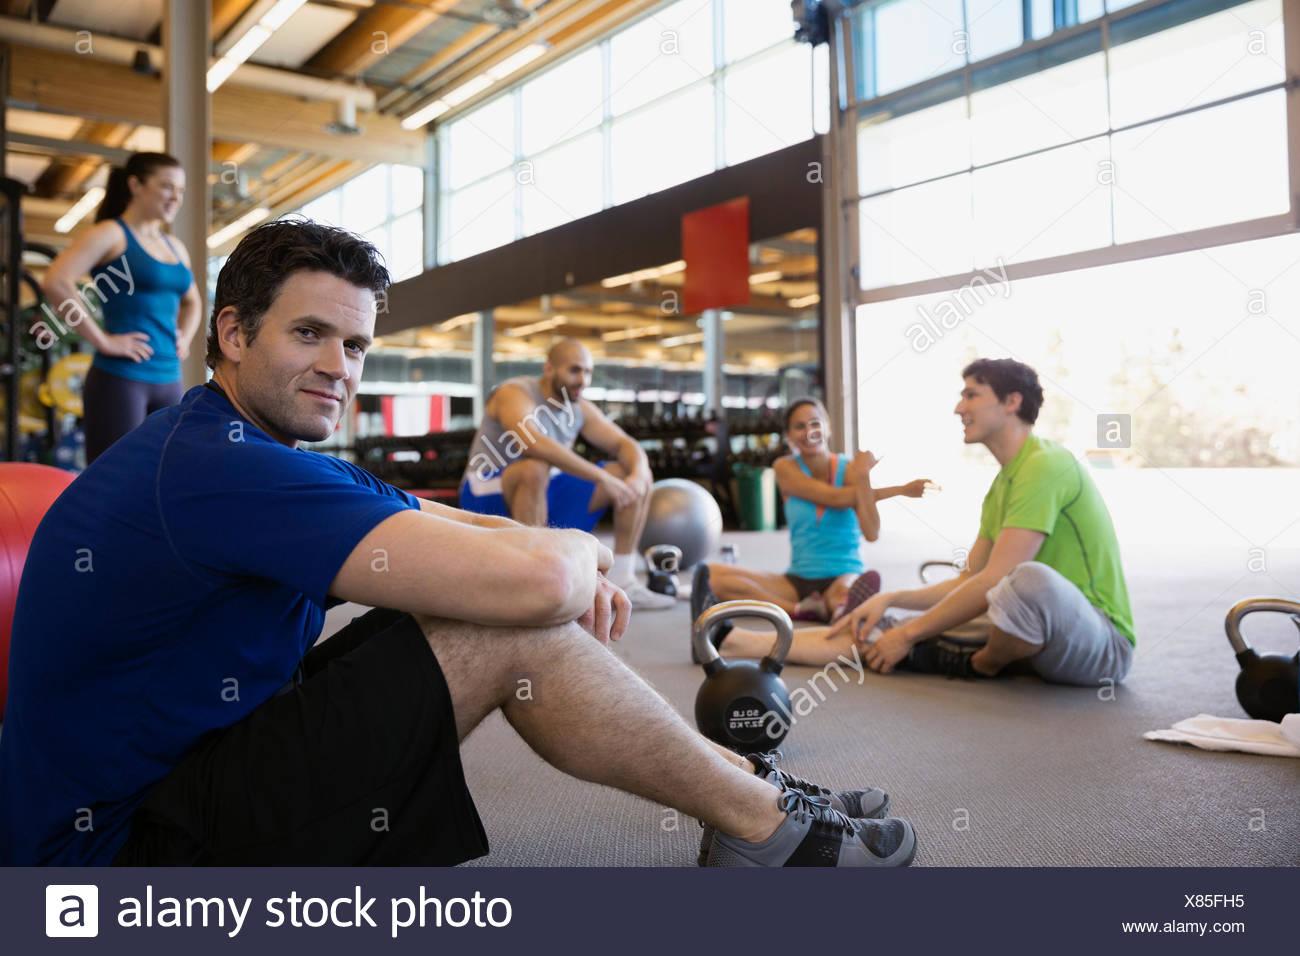 Retrato hombre que confía en el ejercicio en el gimnasio de vidrio Imagen De Stock